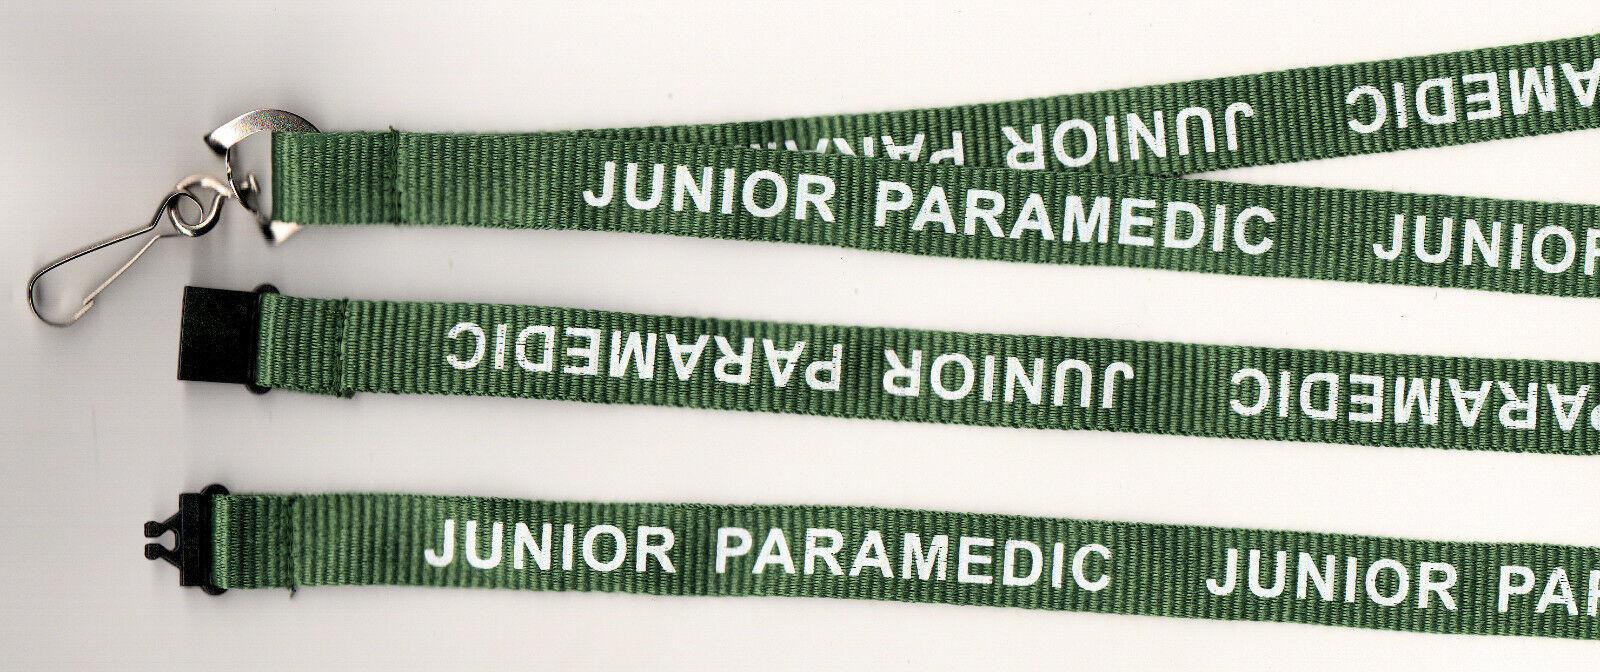 1 Green/White JUNIOR PARAMEDIC Printed Safety Hospital Lanyard FREE UK P&P